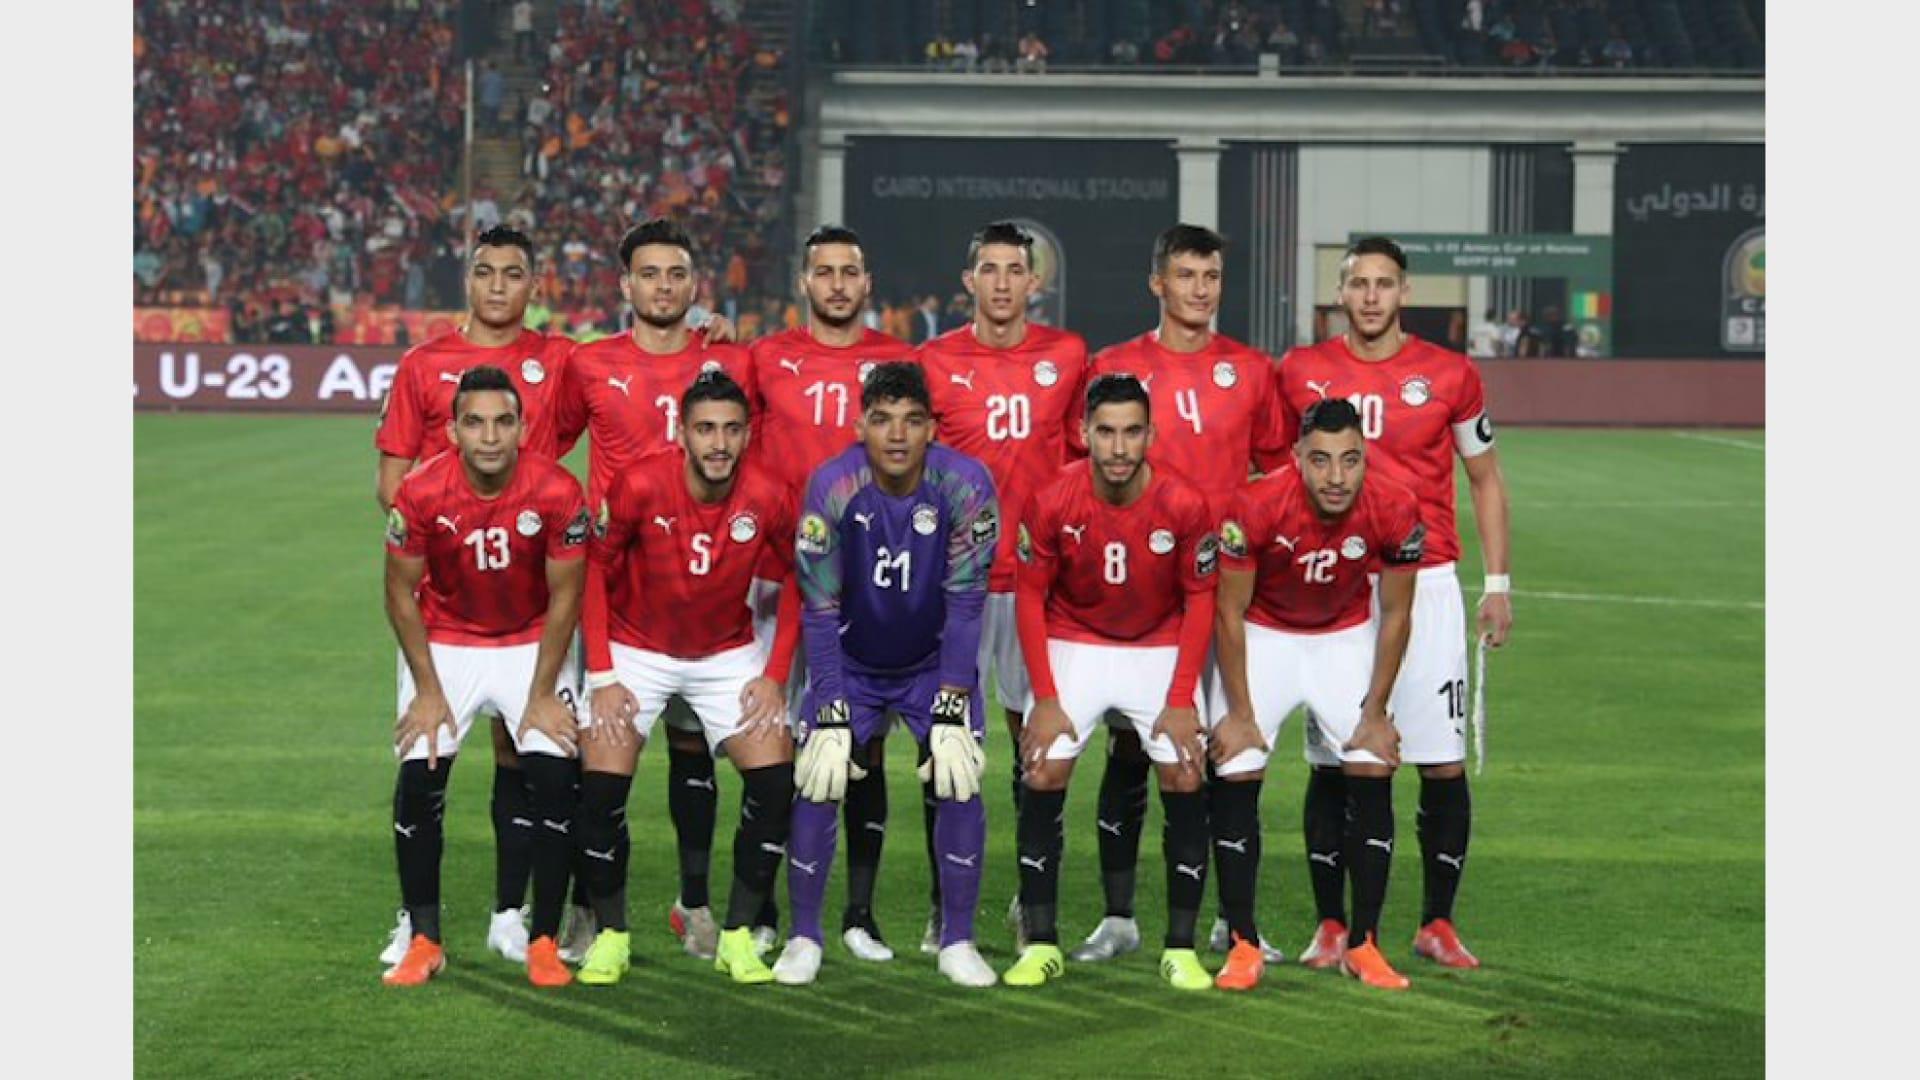 تضامن لاعبي مصر مع معاذ العمارنة يثير ضجة عبر مواقع التواصل الاجتماعي